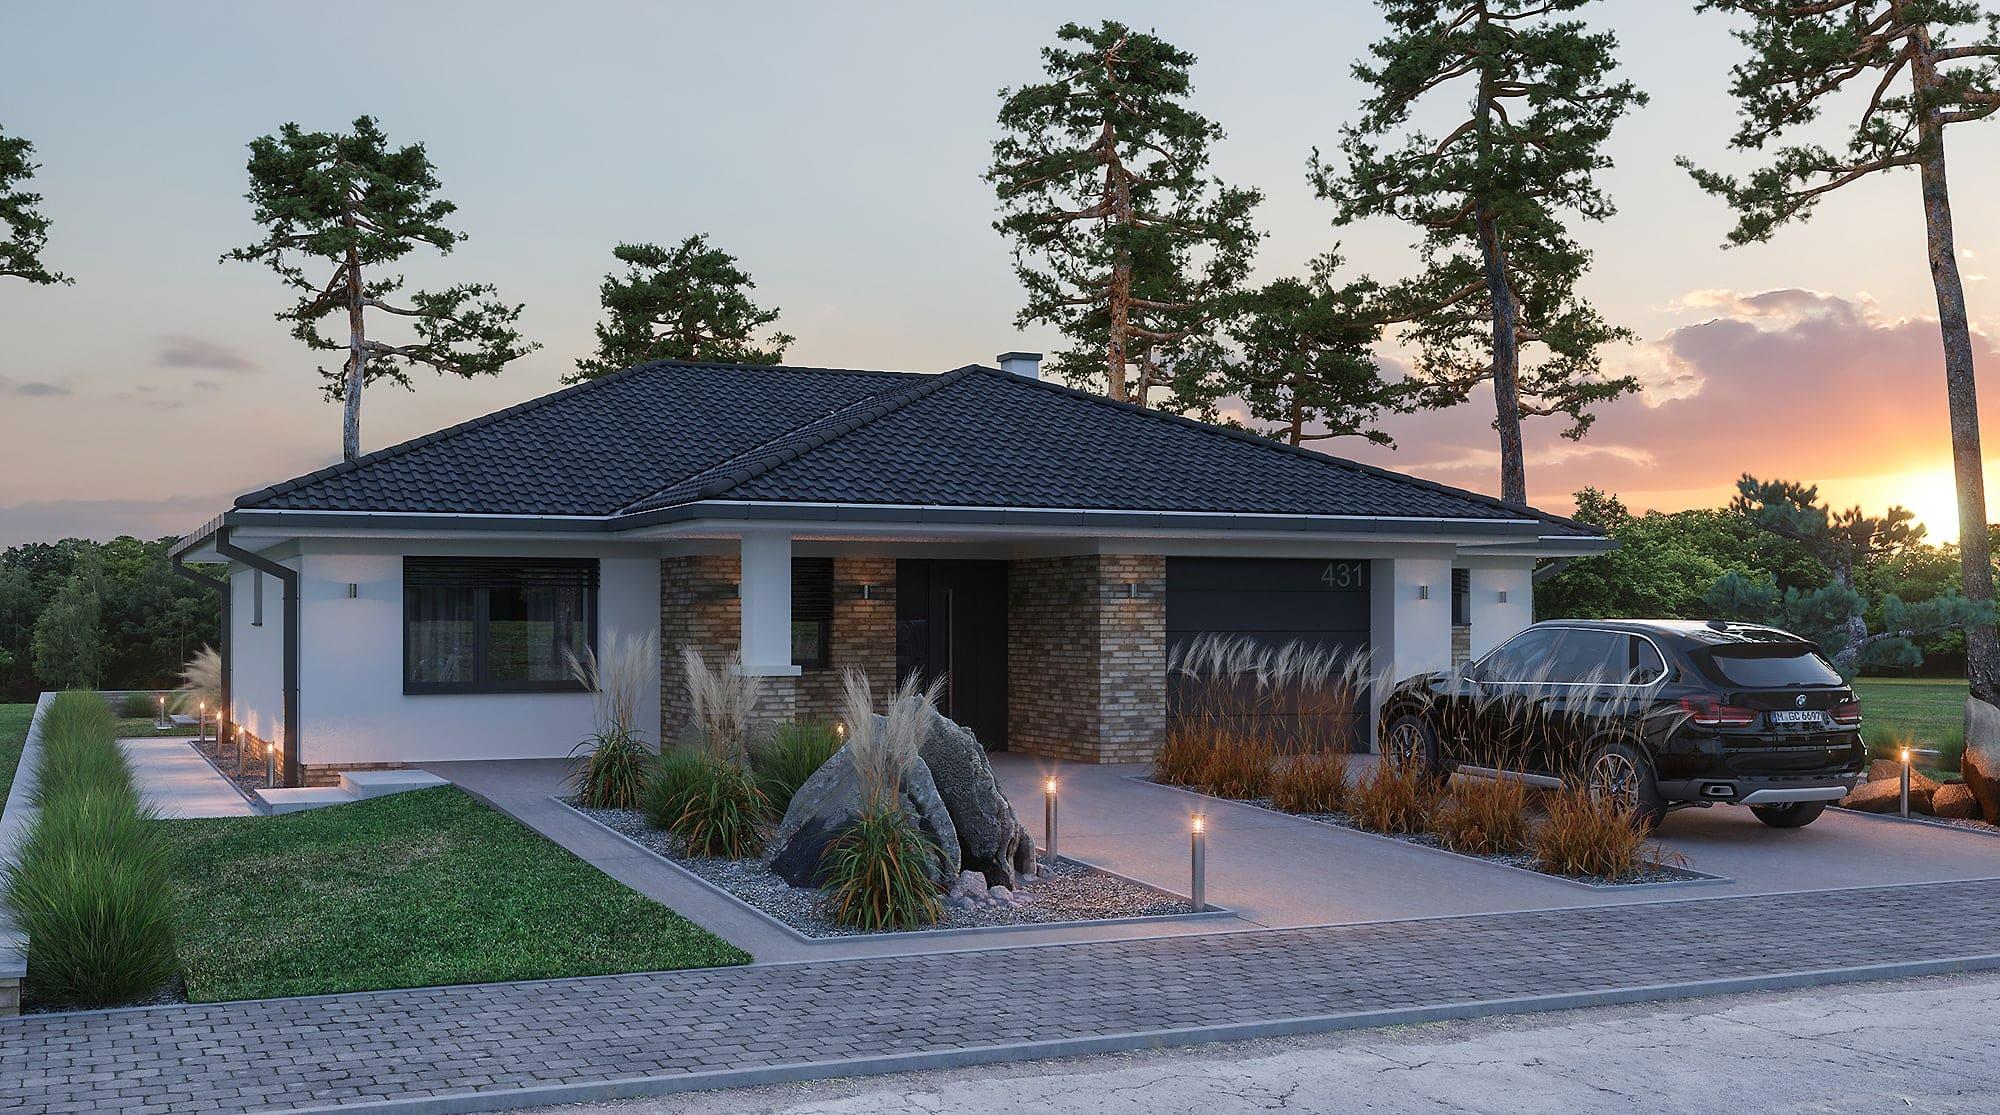 projekt rodinného domu style 235